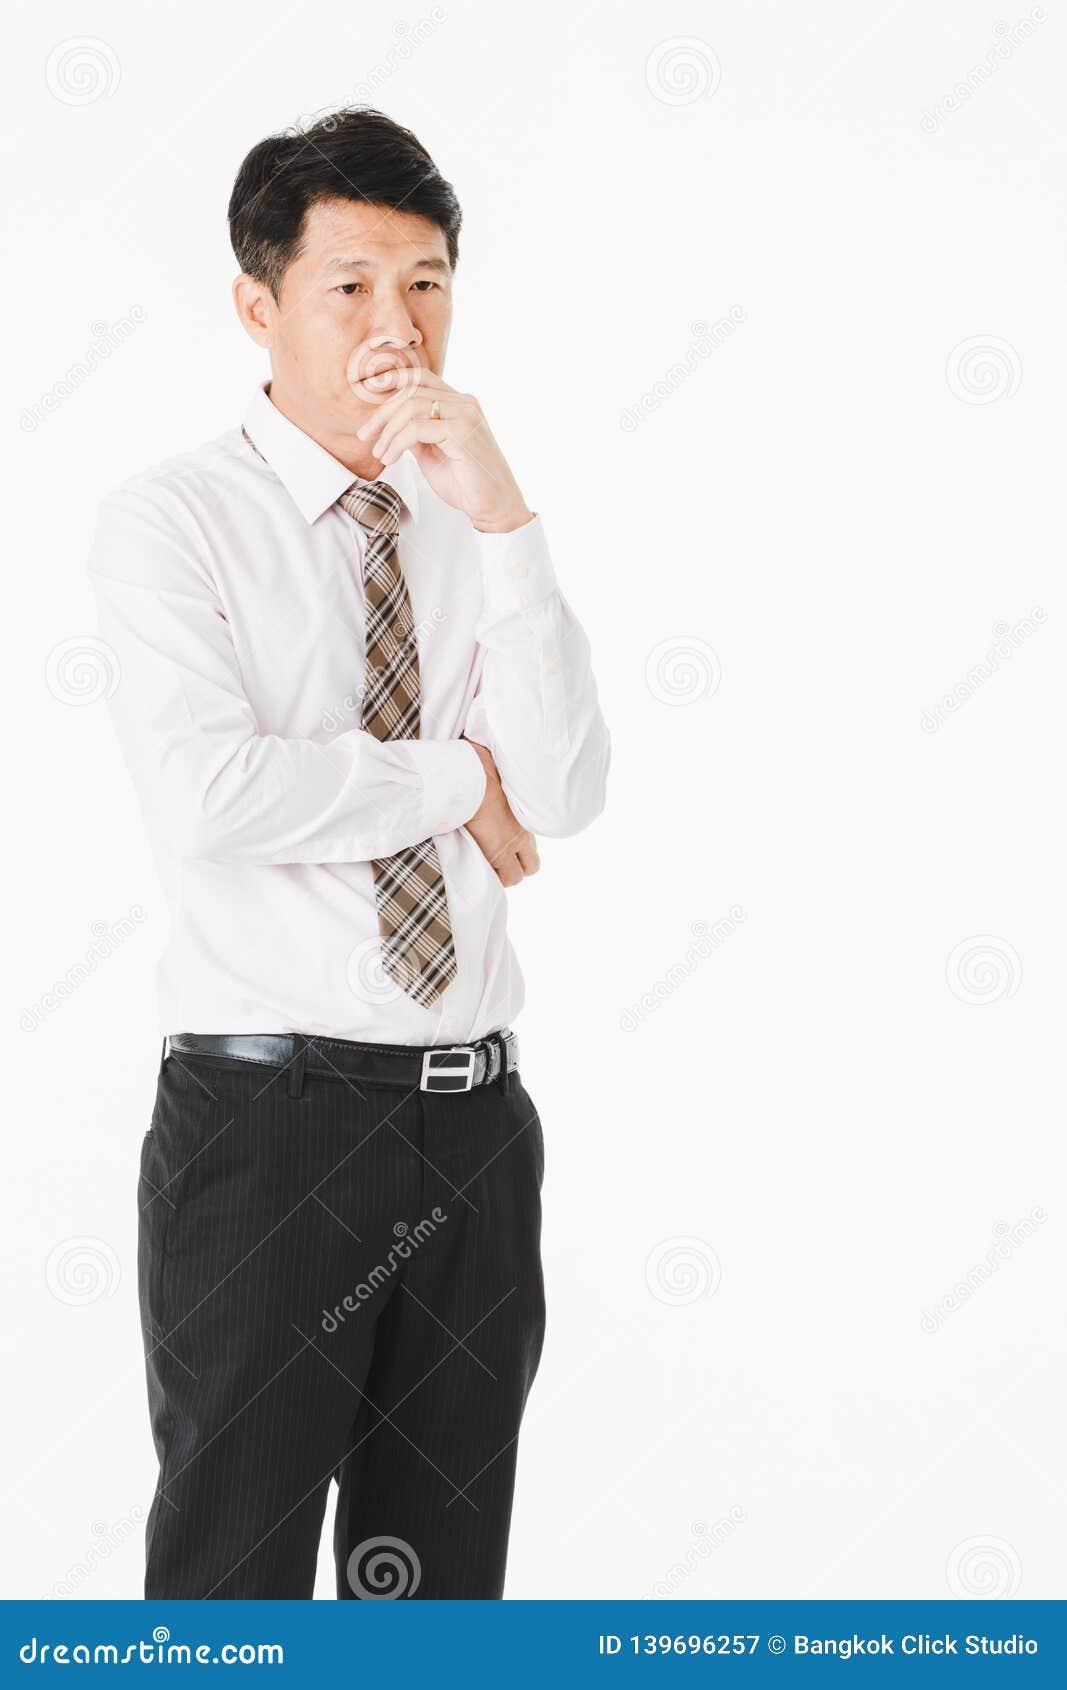 длинной с Полу портрет средний стареть, красивый, азиатский, бизнесмен, в белой рубашке, striped связь пострадайте от острой мигр